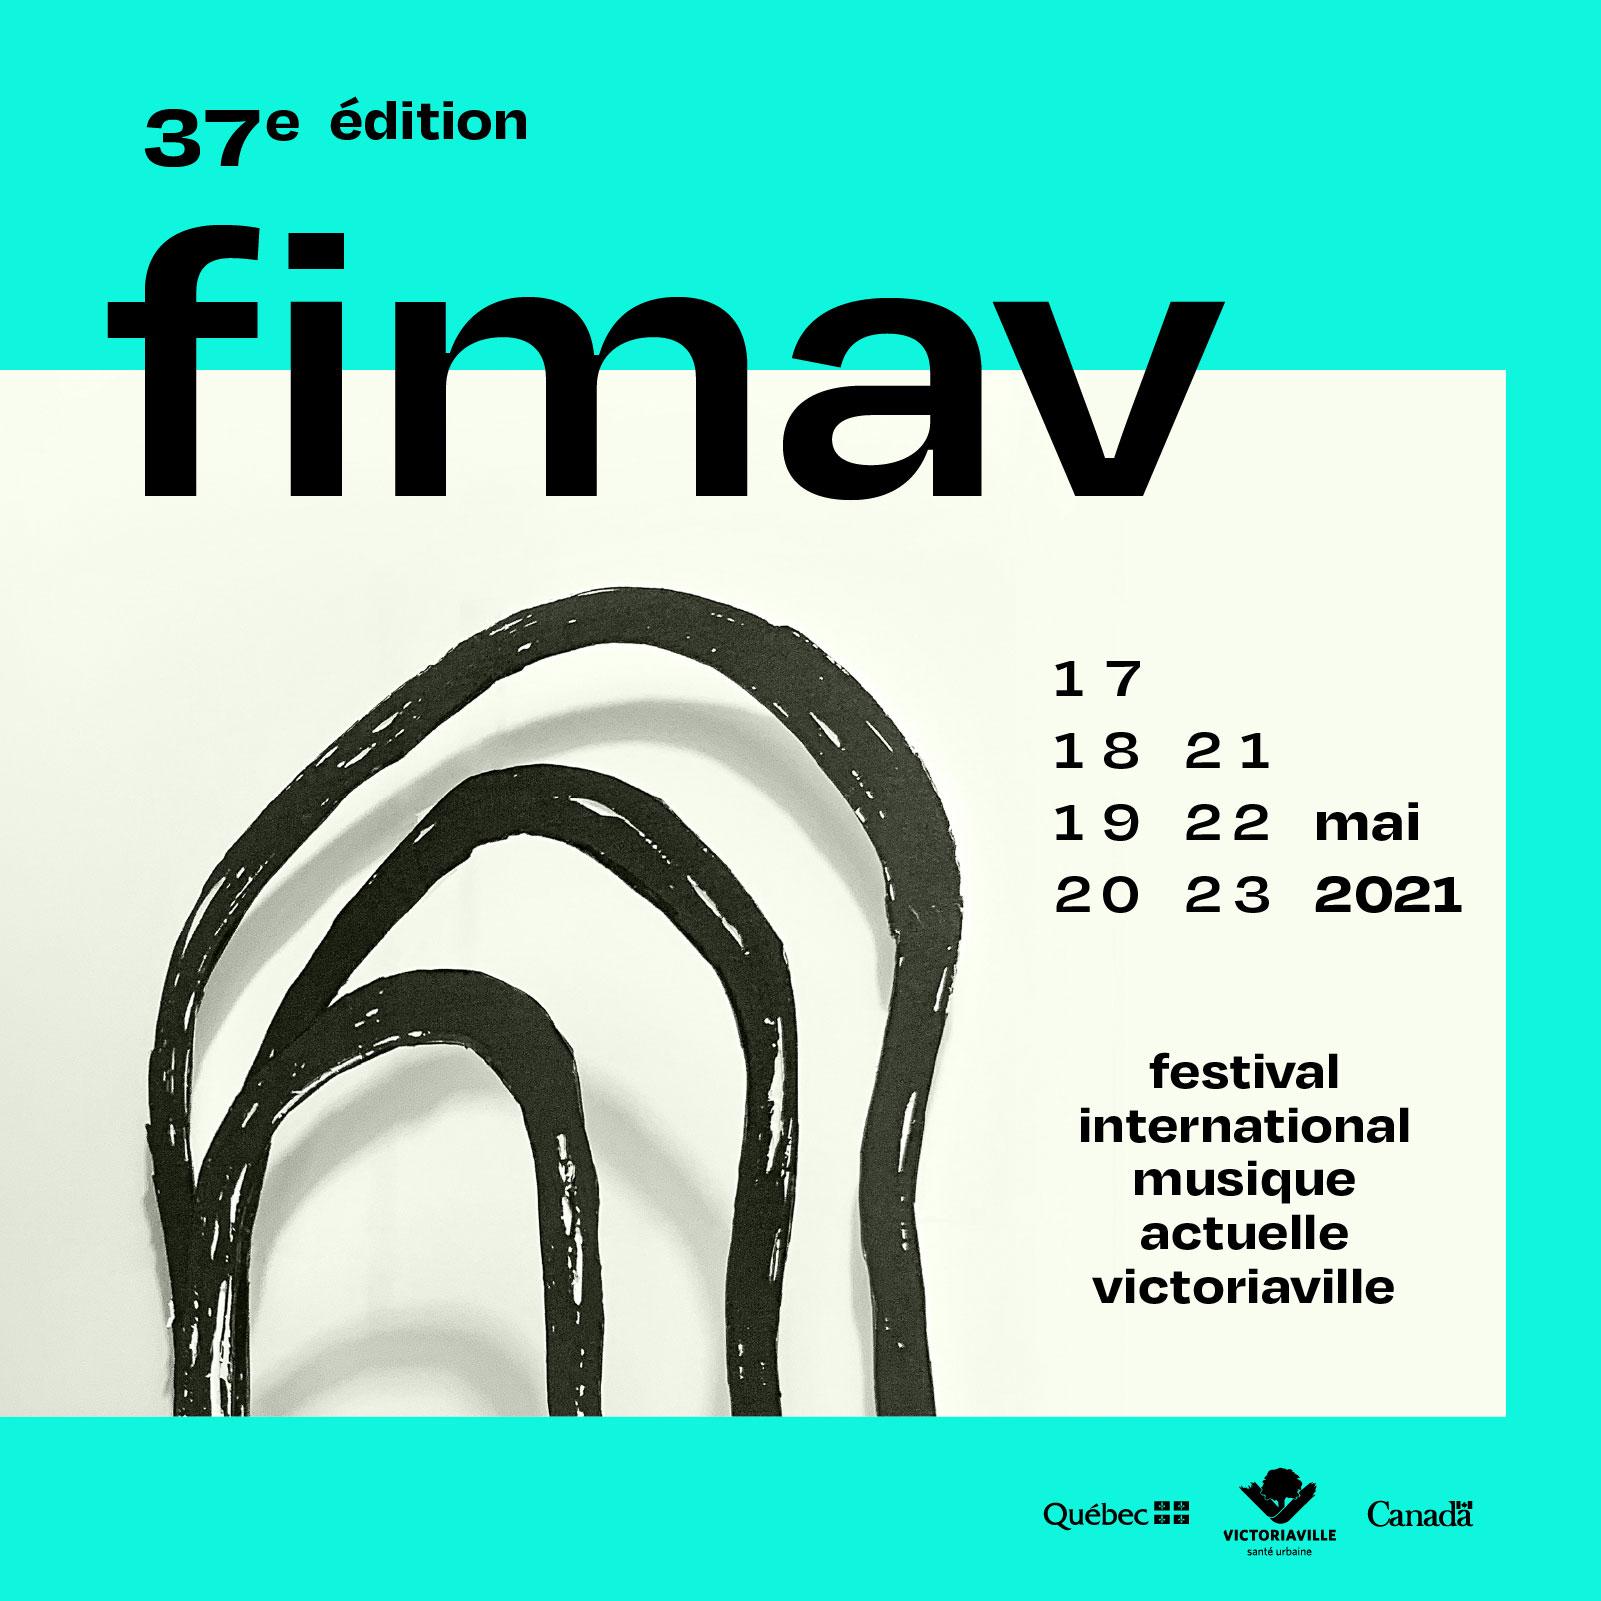 FIMAV 2021